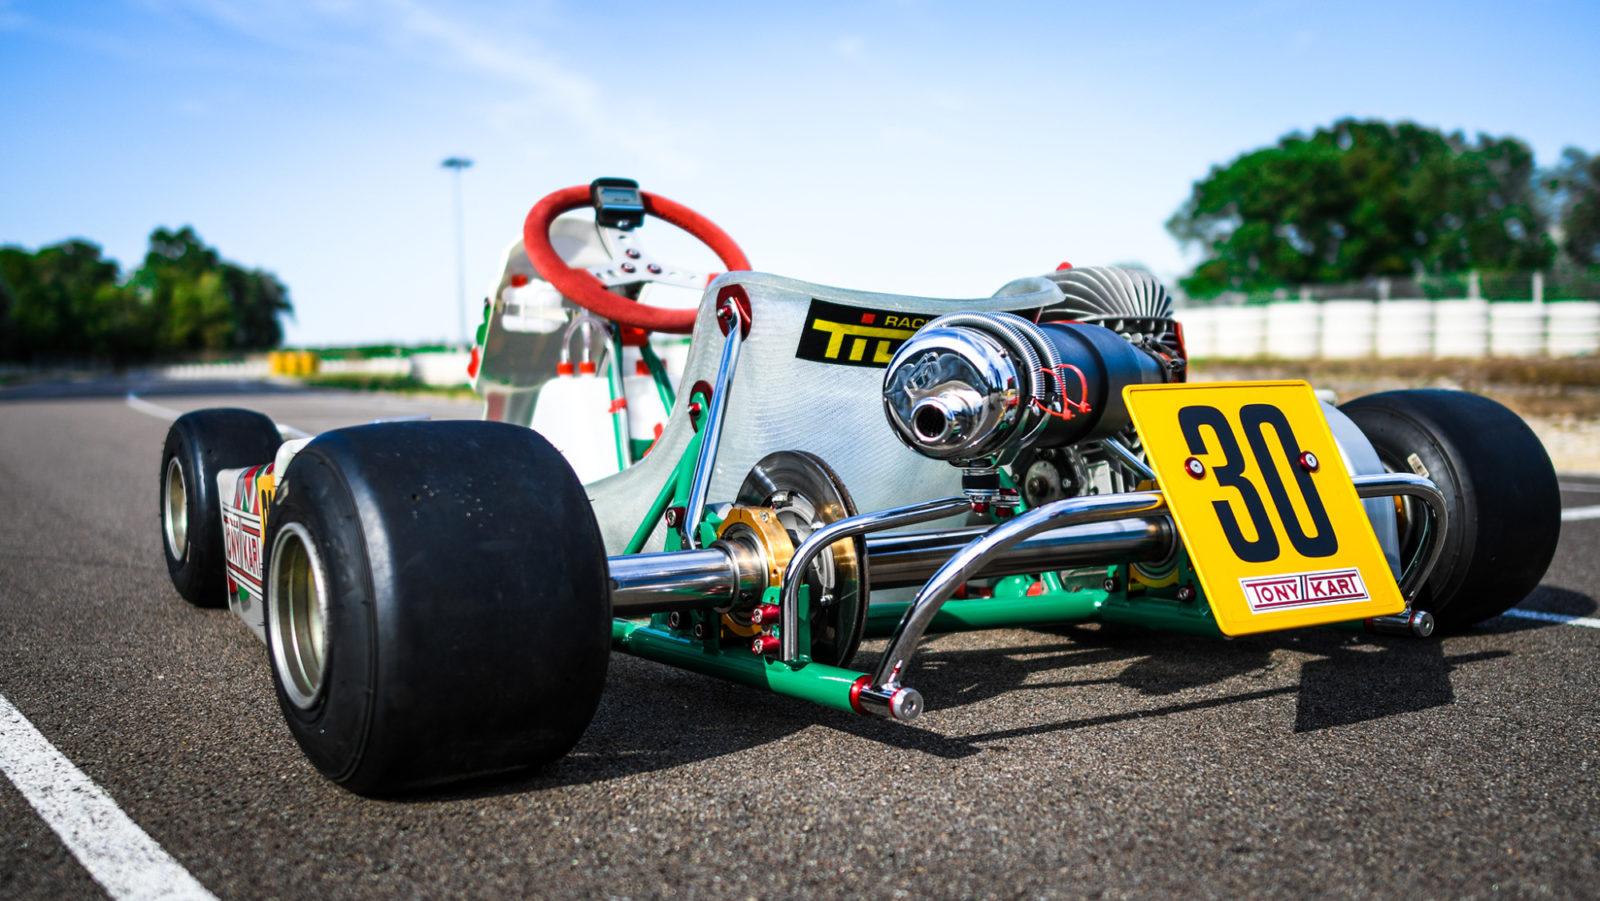 Tony Kart Extreme rear end